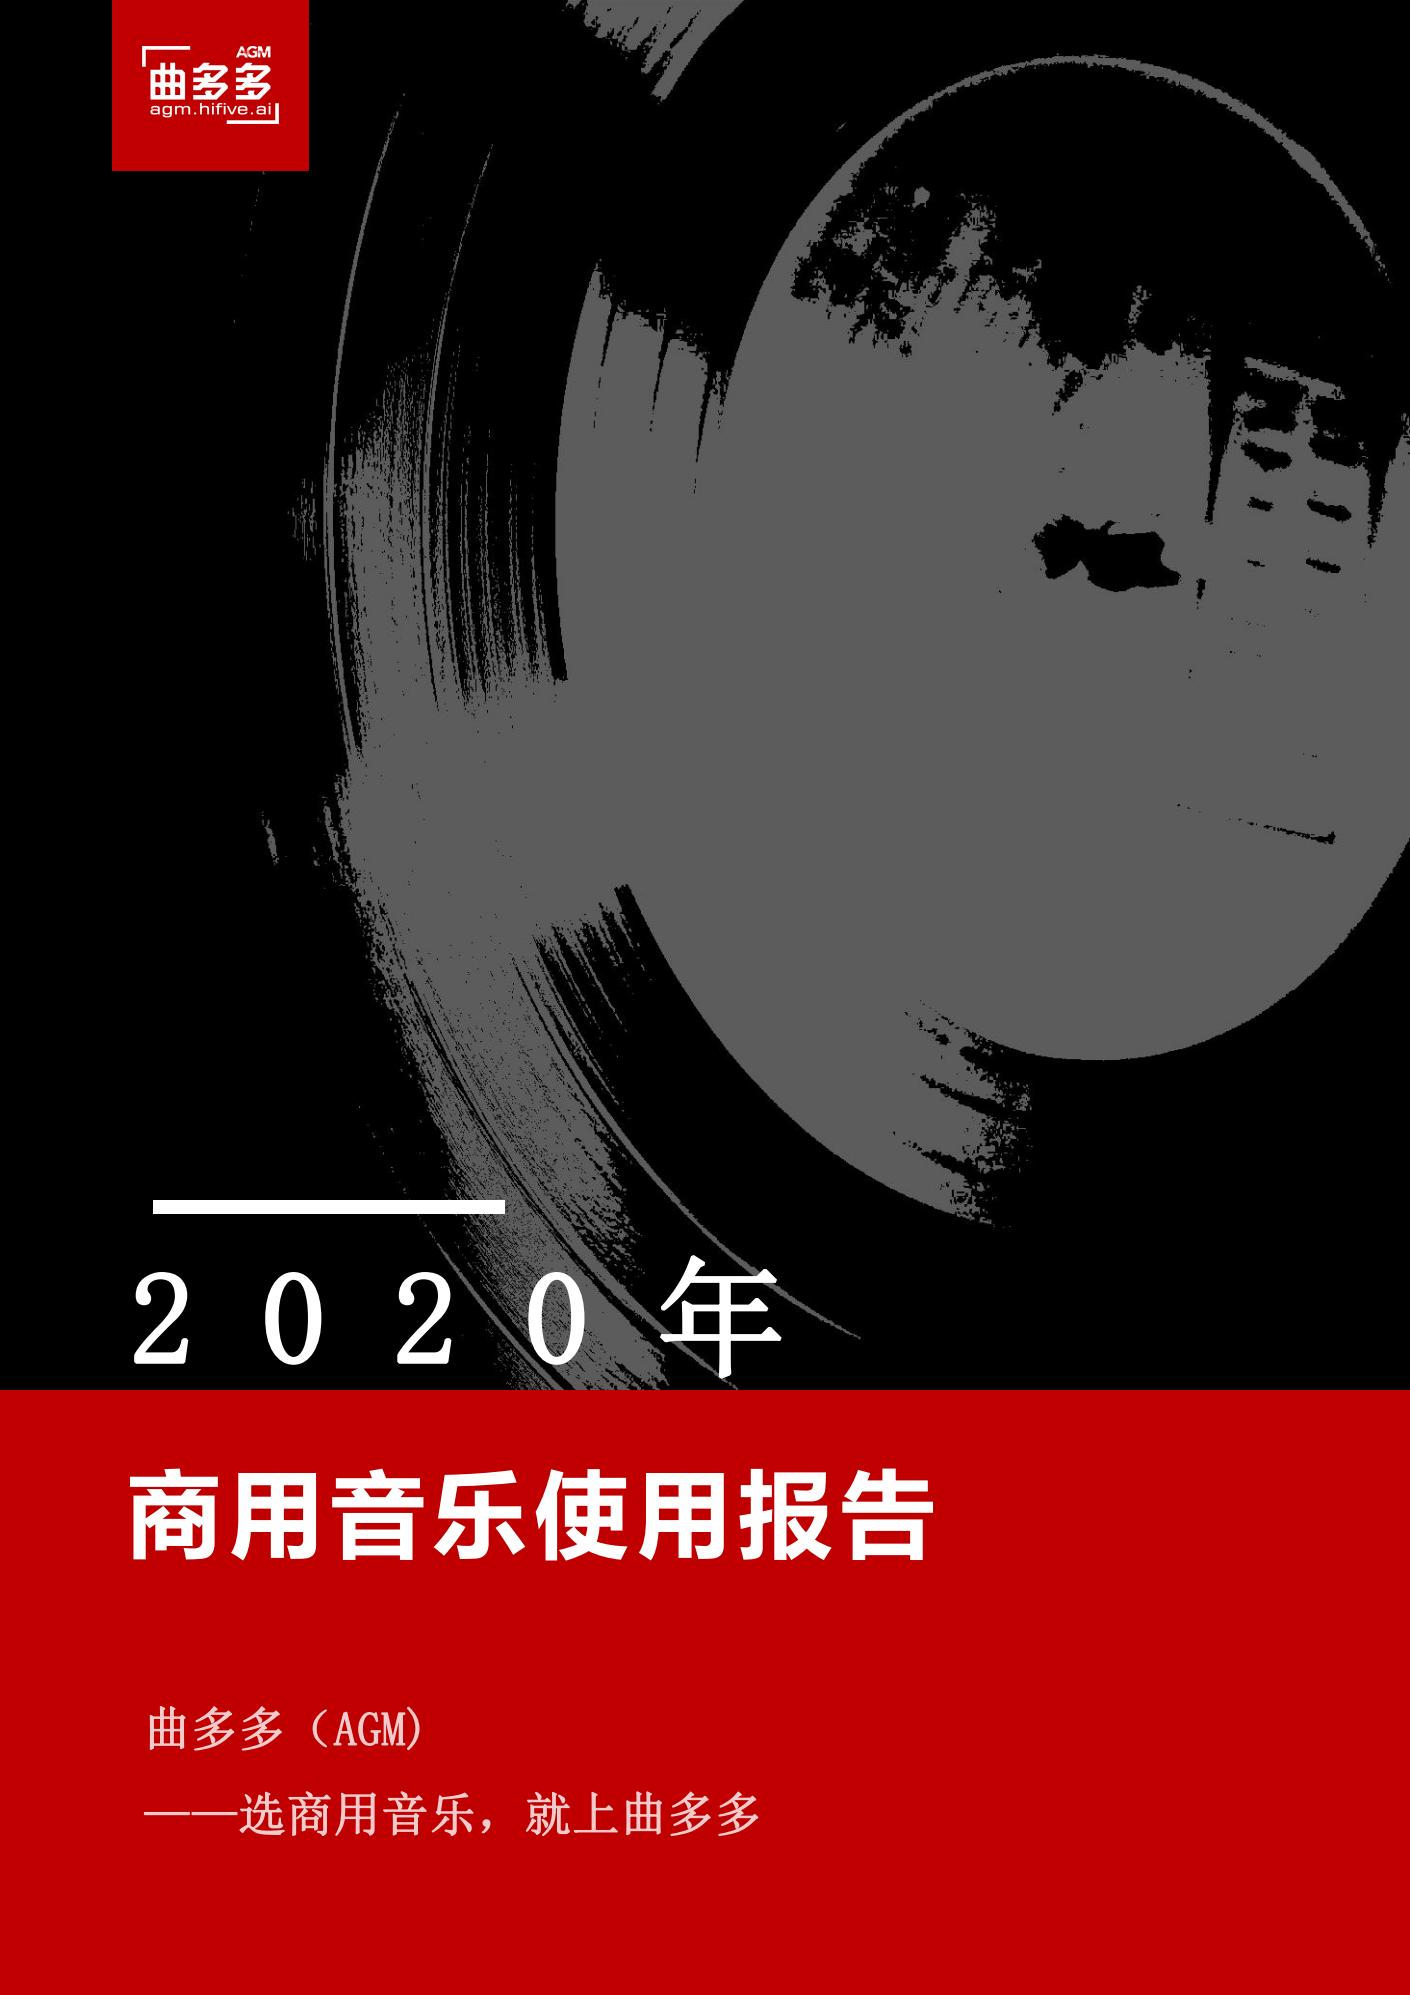 HIFIVE旗下曲多多(AGM):2020年商用数字音乐使用报告